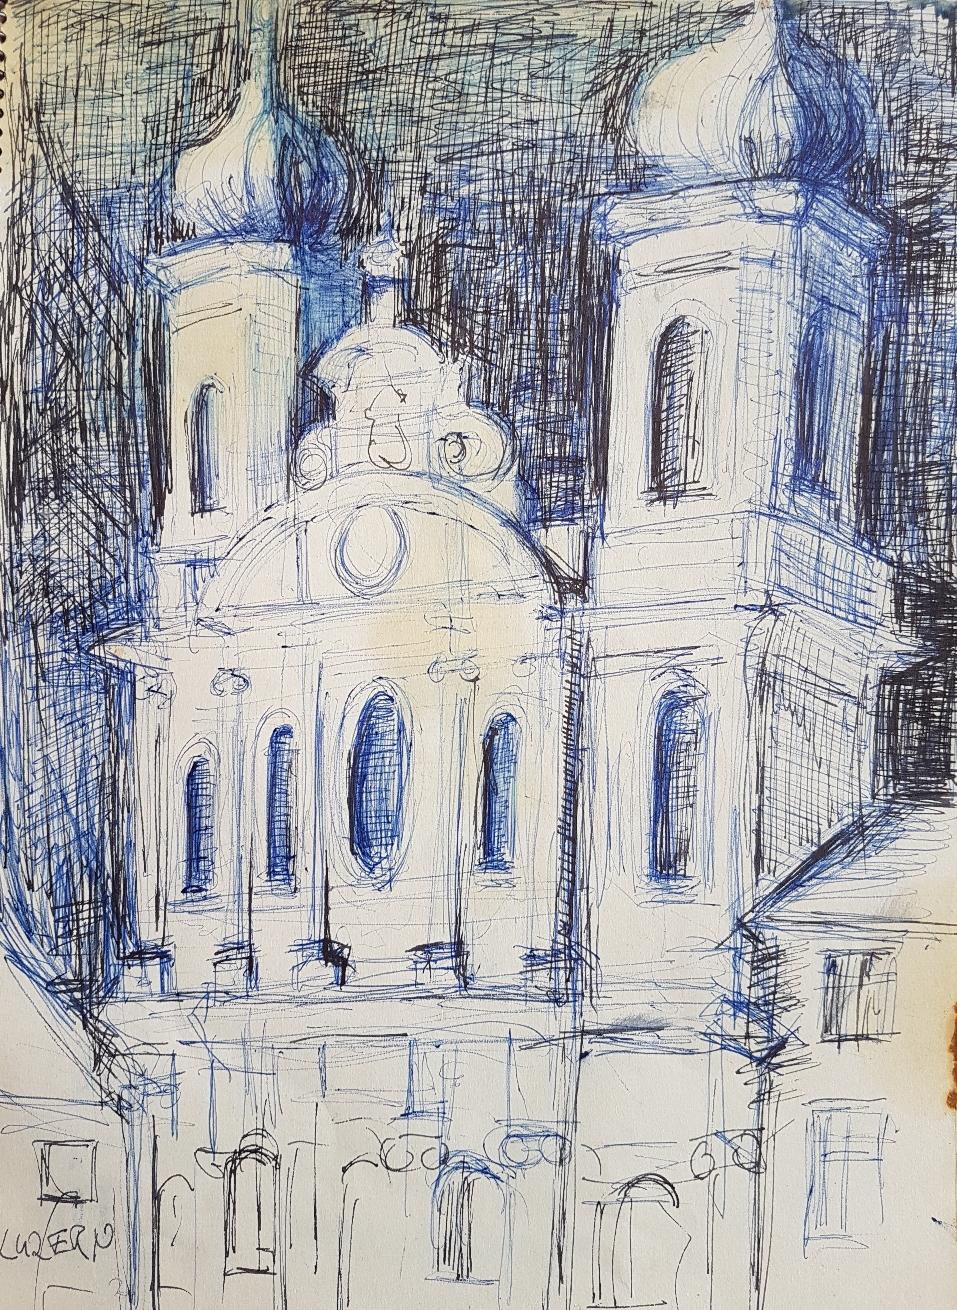 Luzern, Tinte auf Papier, 1997